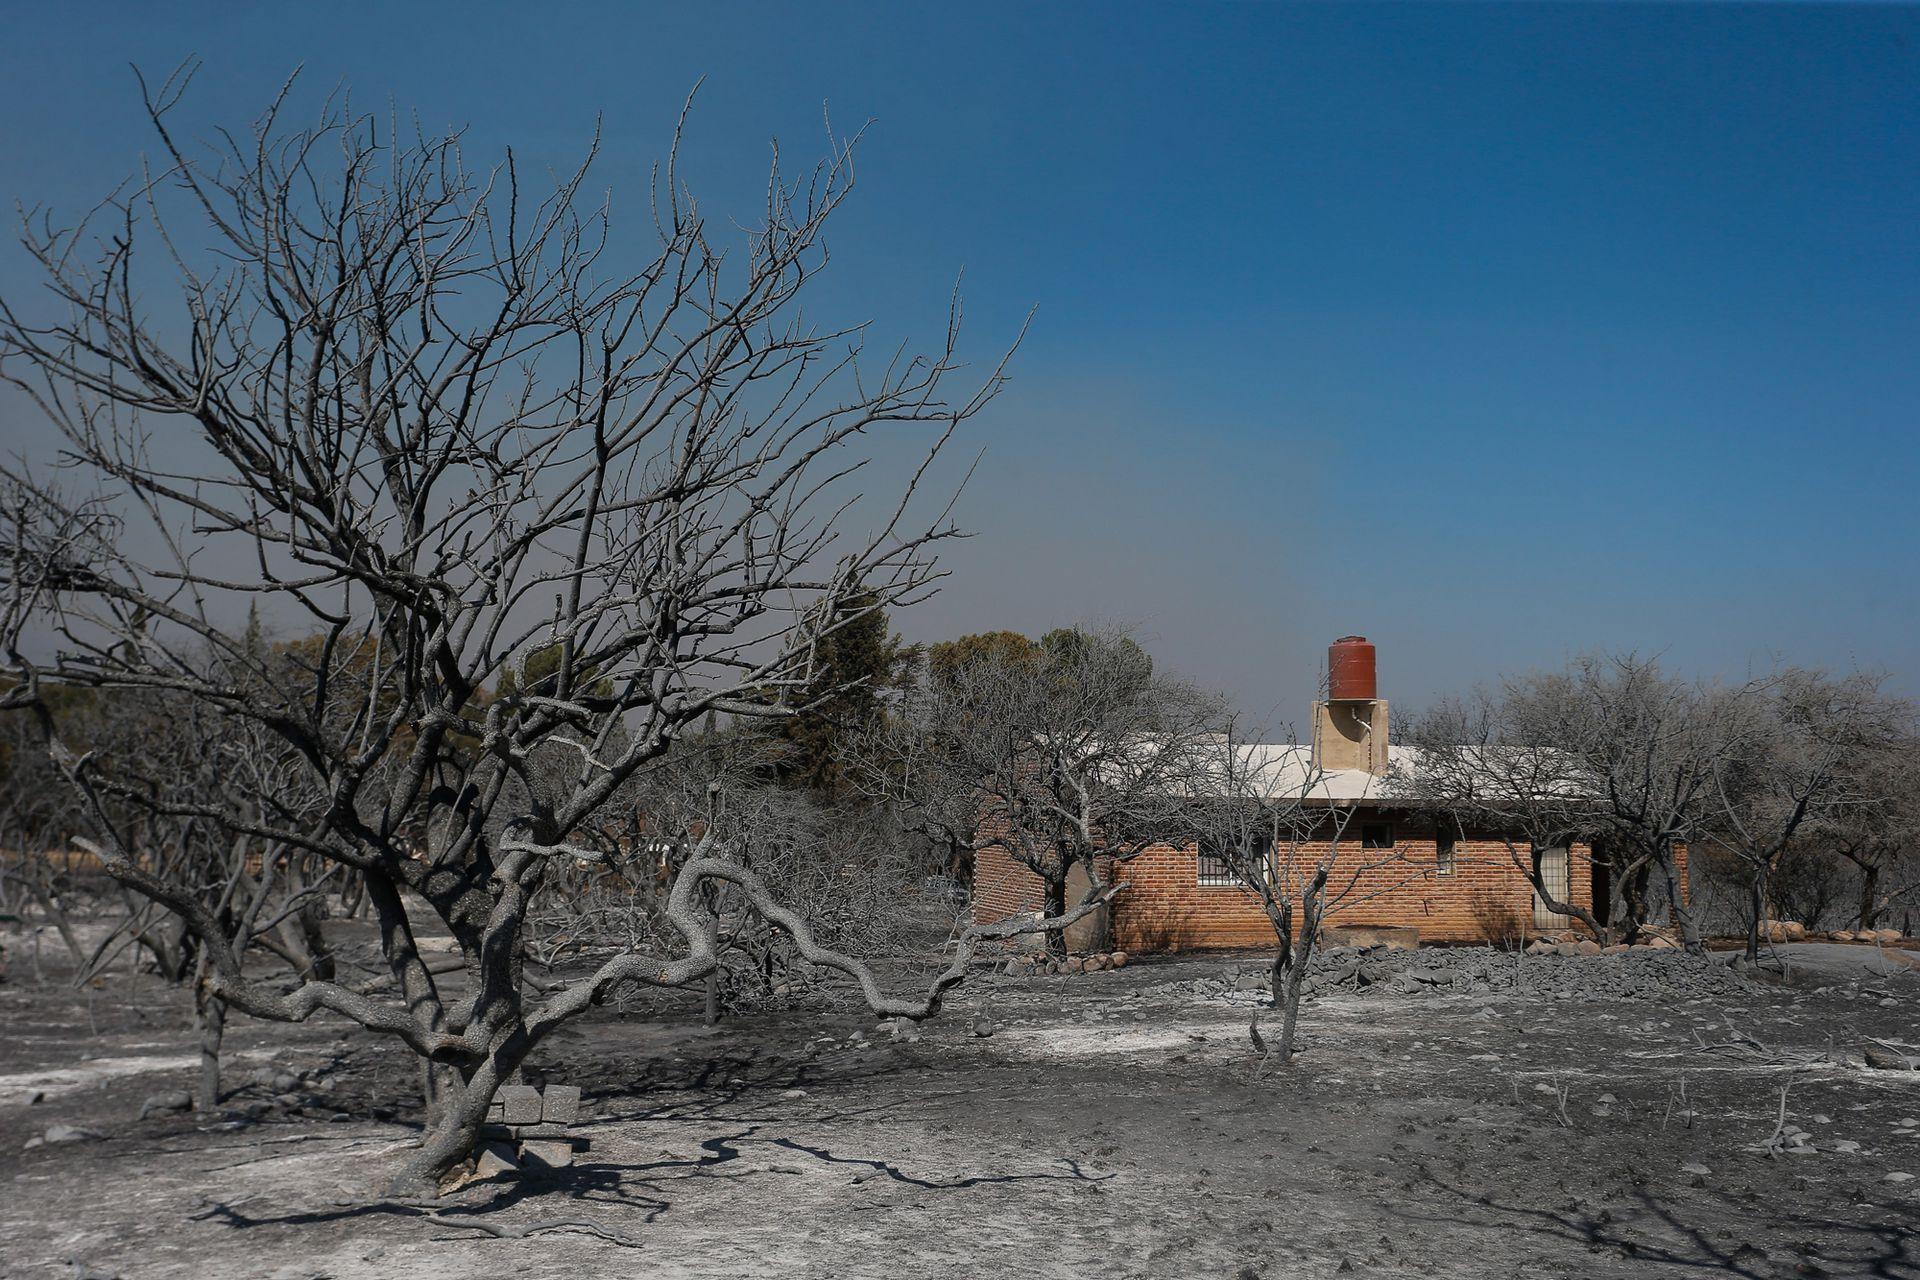 Unas 250 dotaciones de bomberos trabajaron para contener el fuego